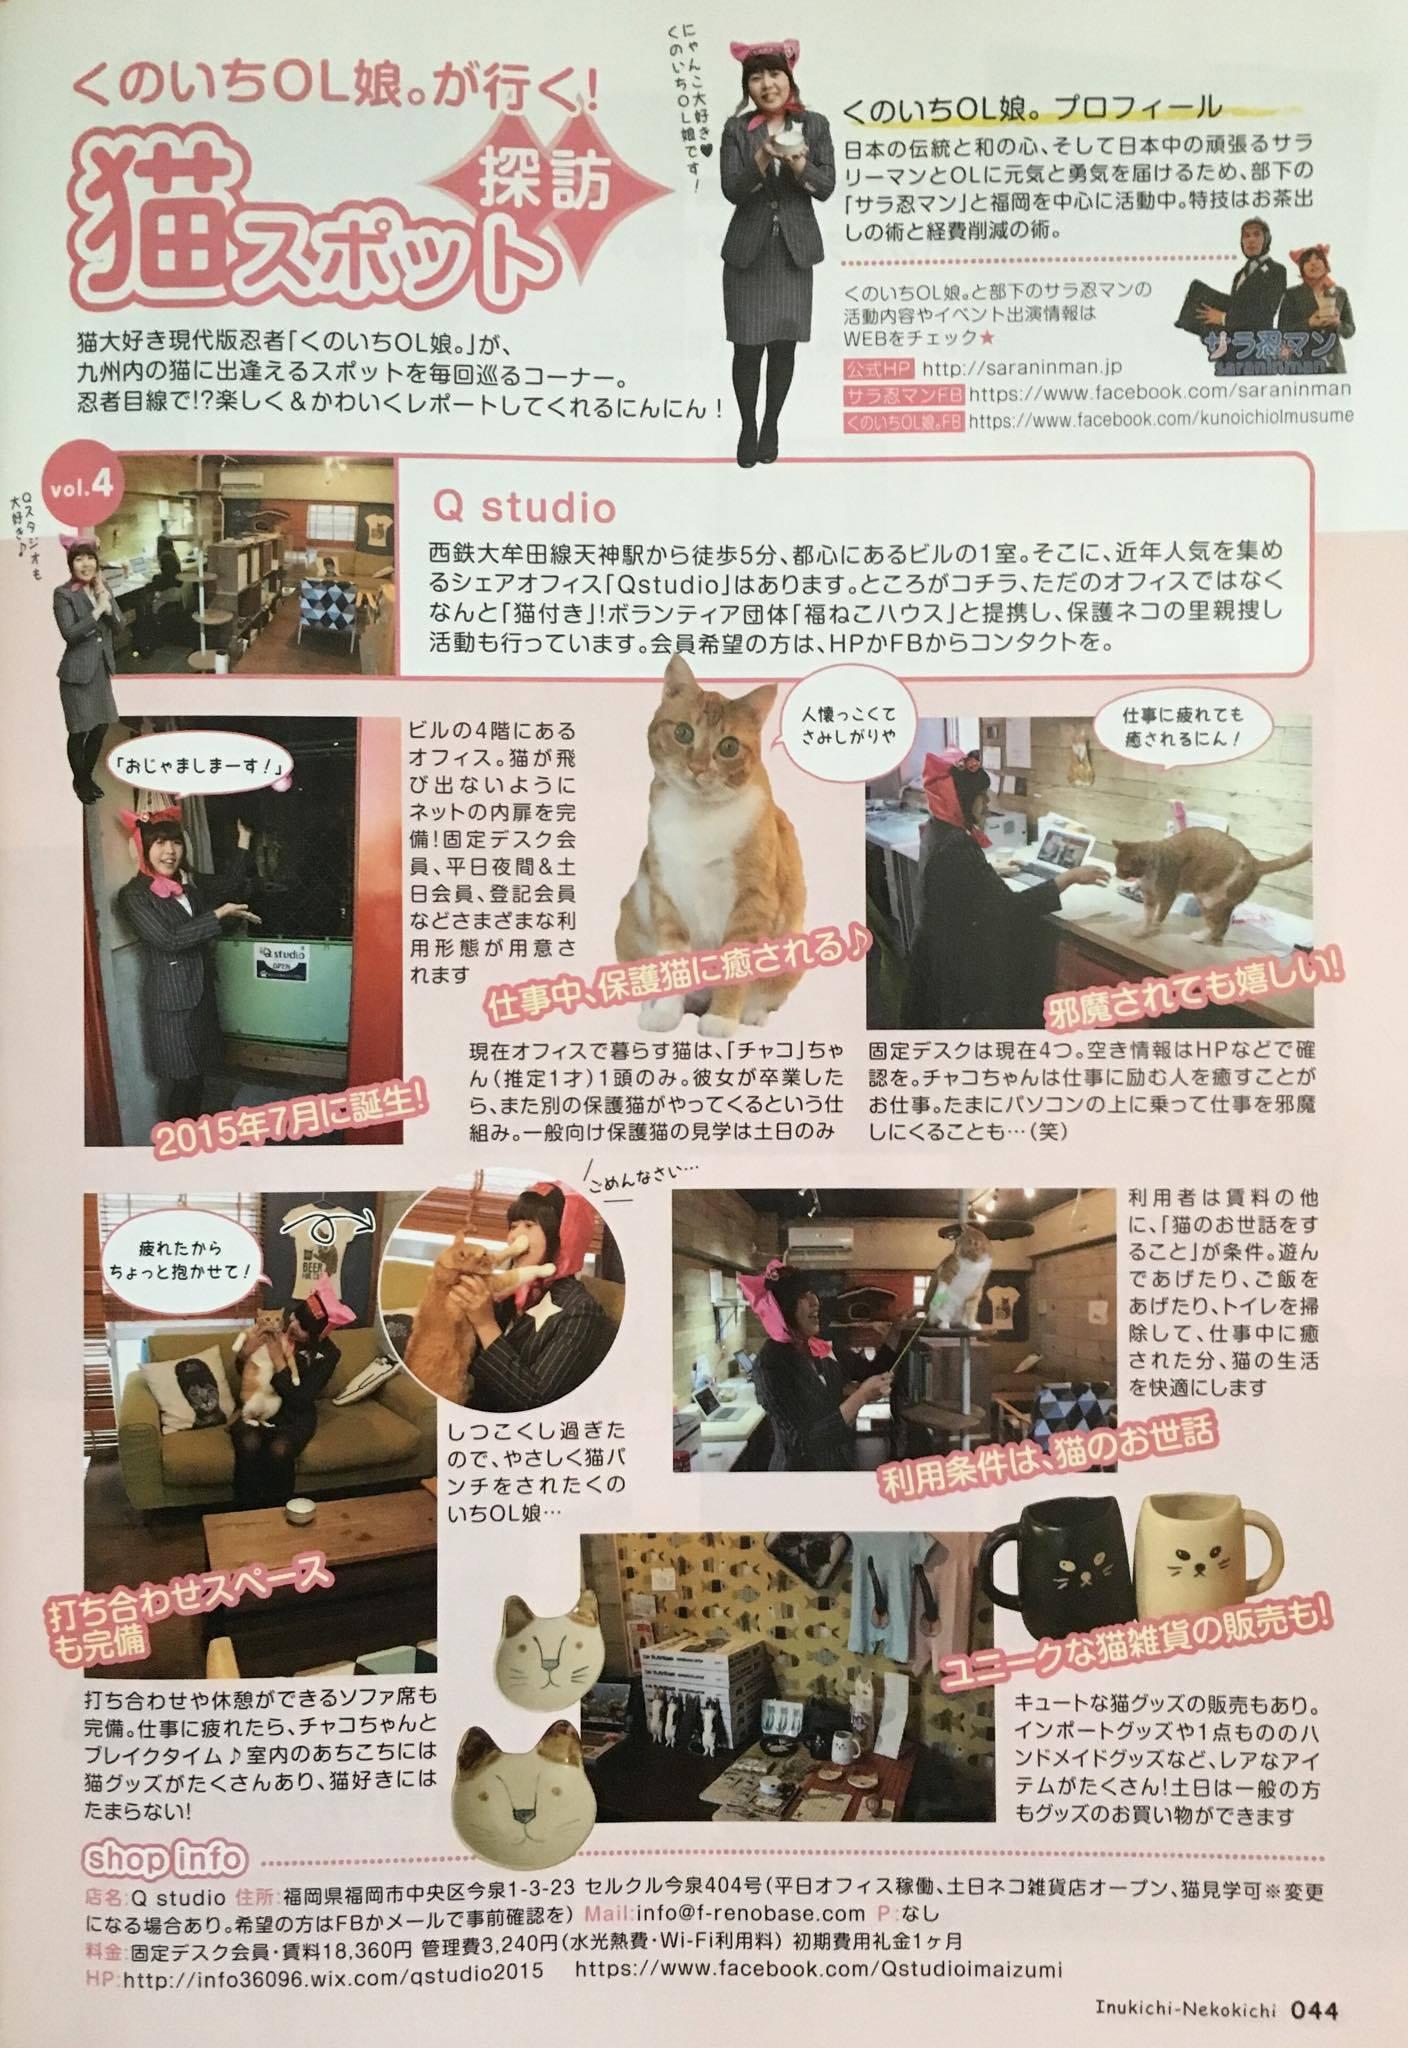 わんkichiにゃんkichi「くのいちOL娘。が行く!猫スポット探訪」1/1発行